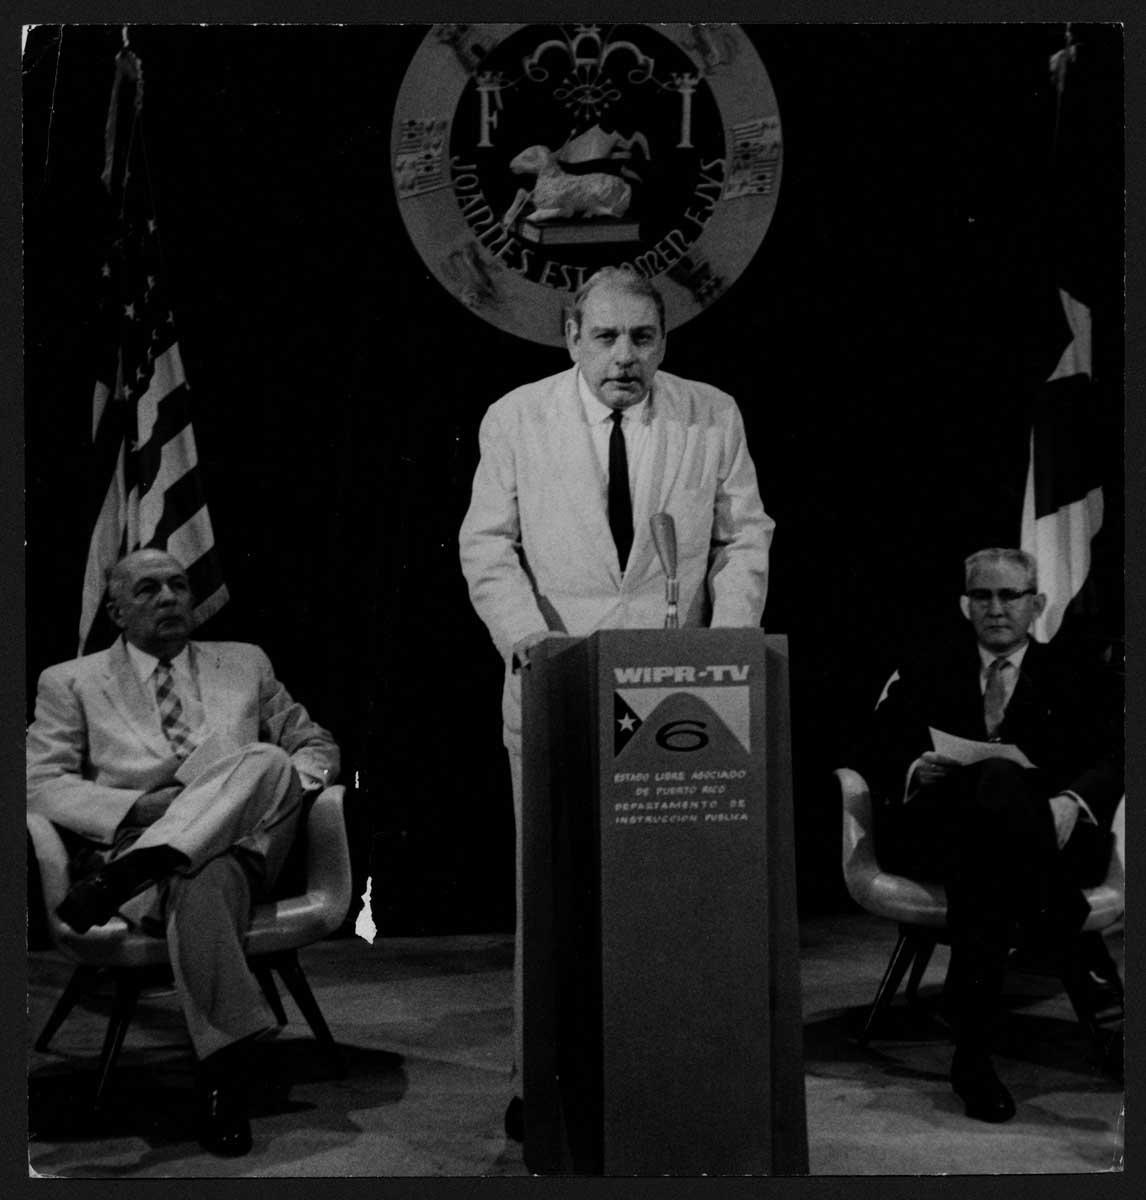 [Muñoz Marín hablando en el acto de inauguración de la emisor